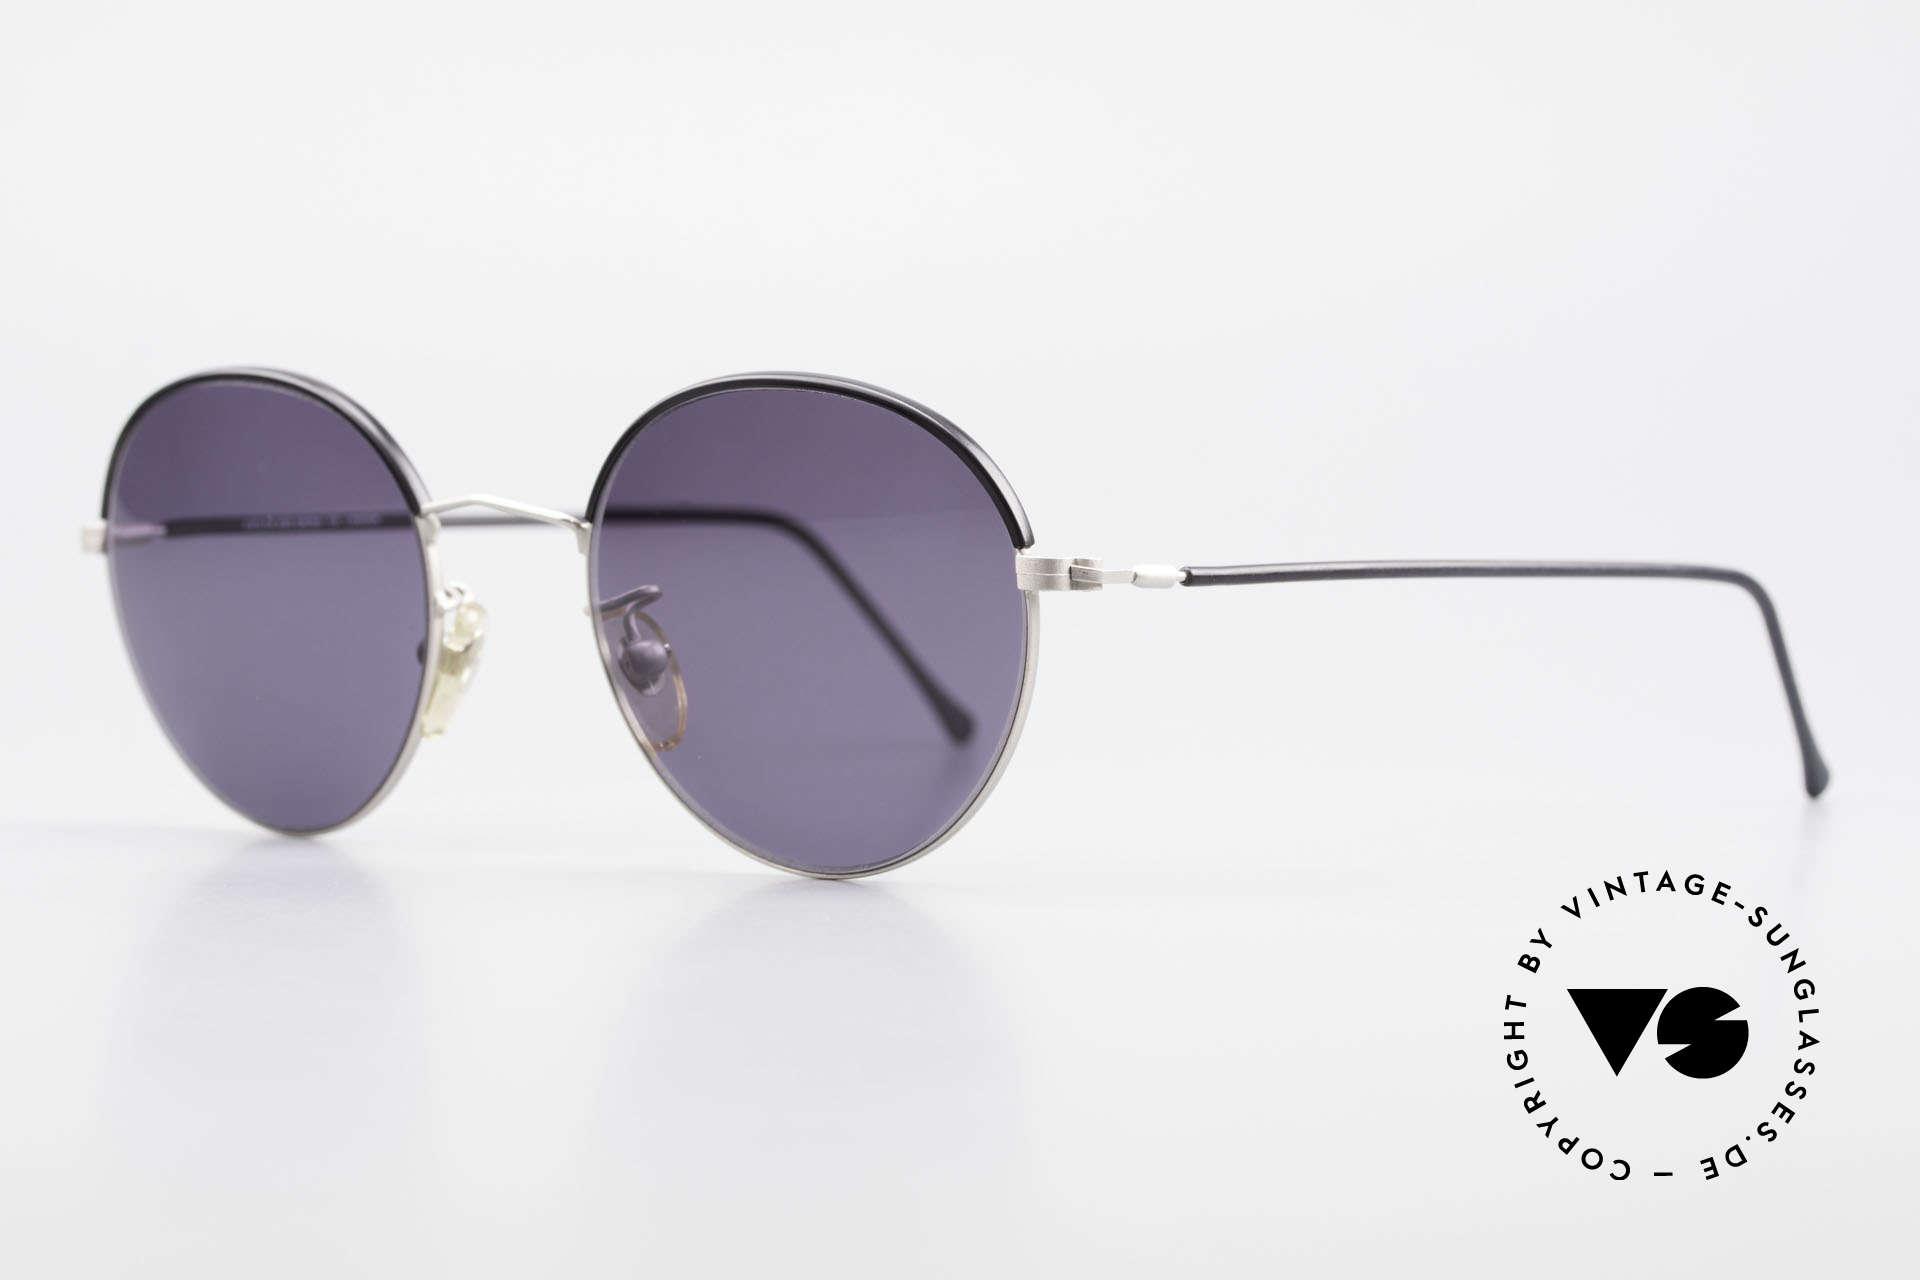 Cutler And Gross 0391 Runde Designer Pantobrille, stilvoll & unverwechselbar; auch ohne pompöse Logos, Passend für Herren und Damen